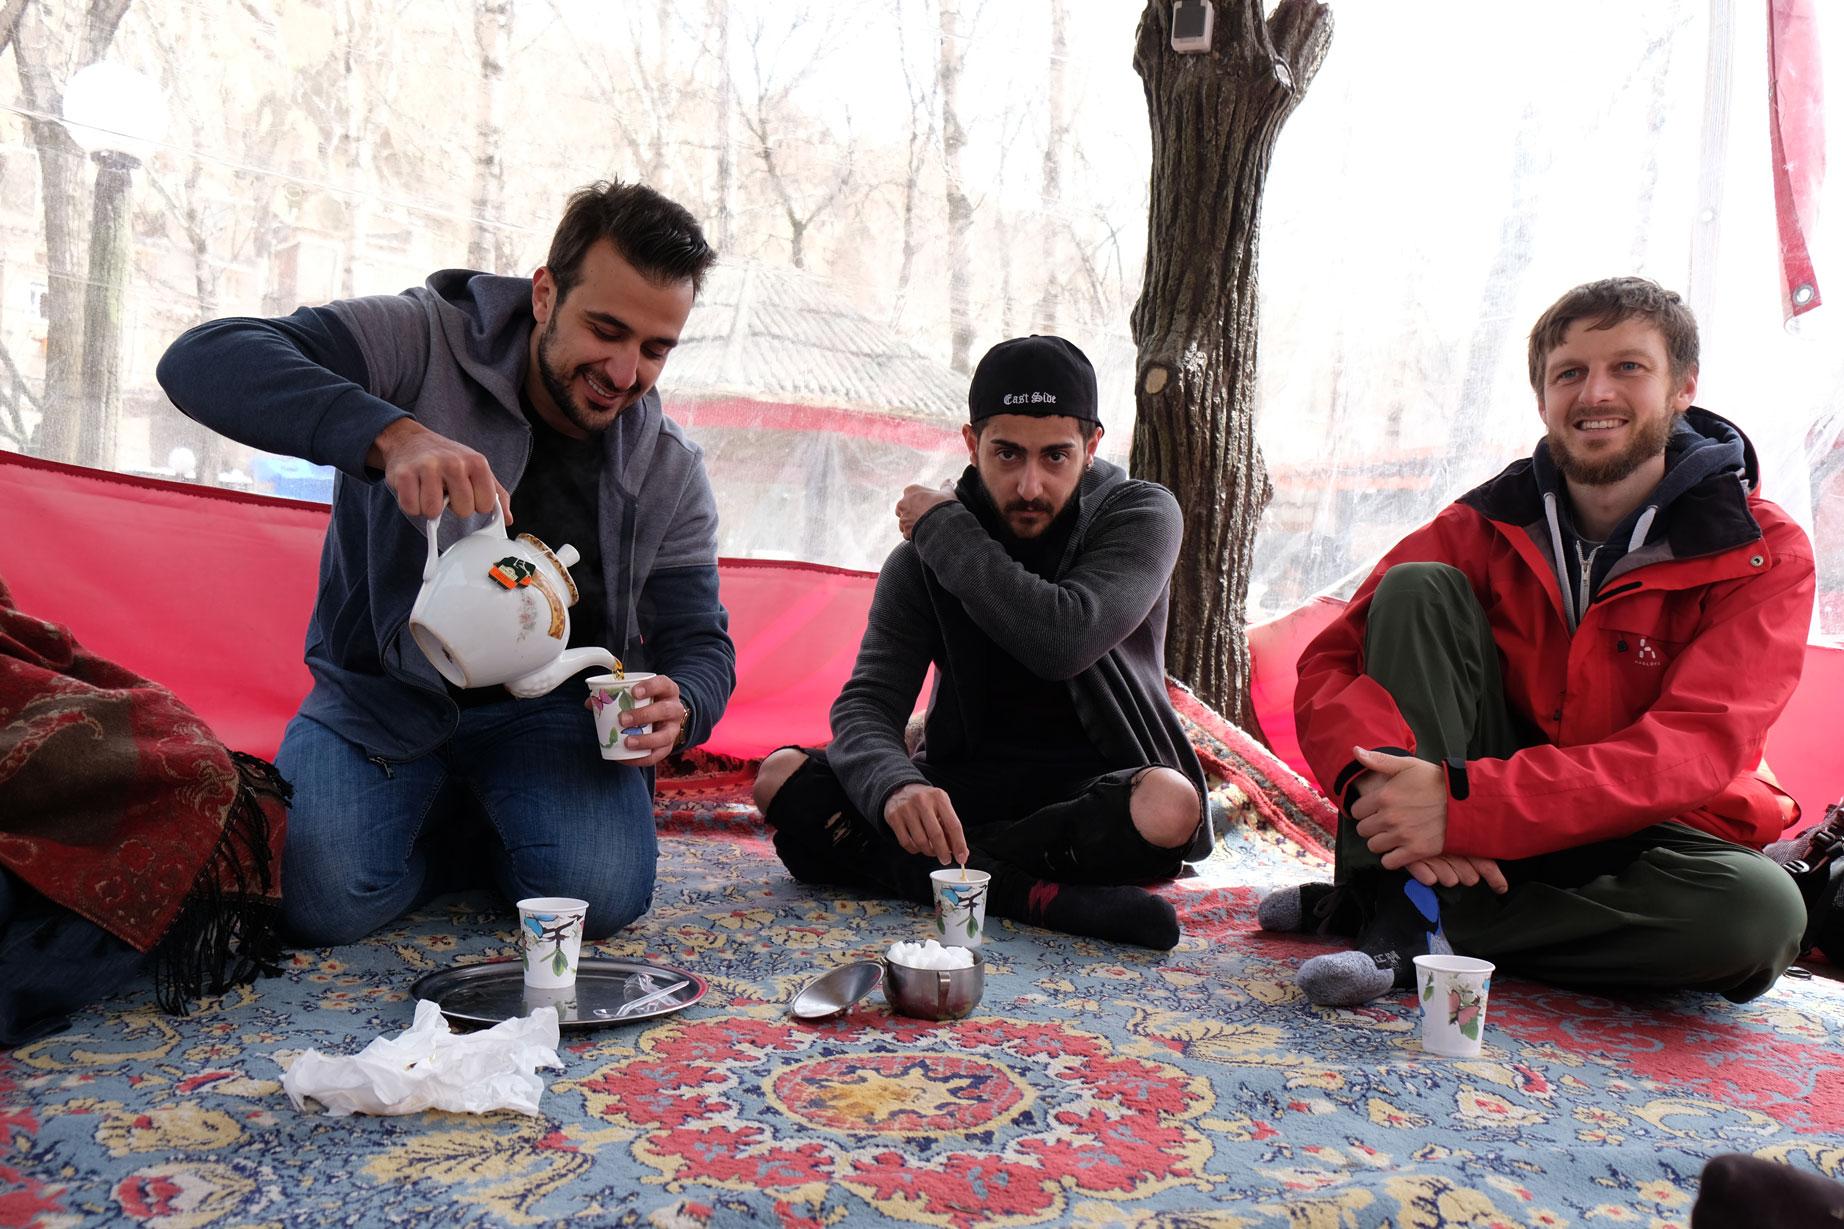 Mahbod, Aryan und Sebastian sitzen auf dem Boden und trinken Tee